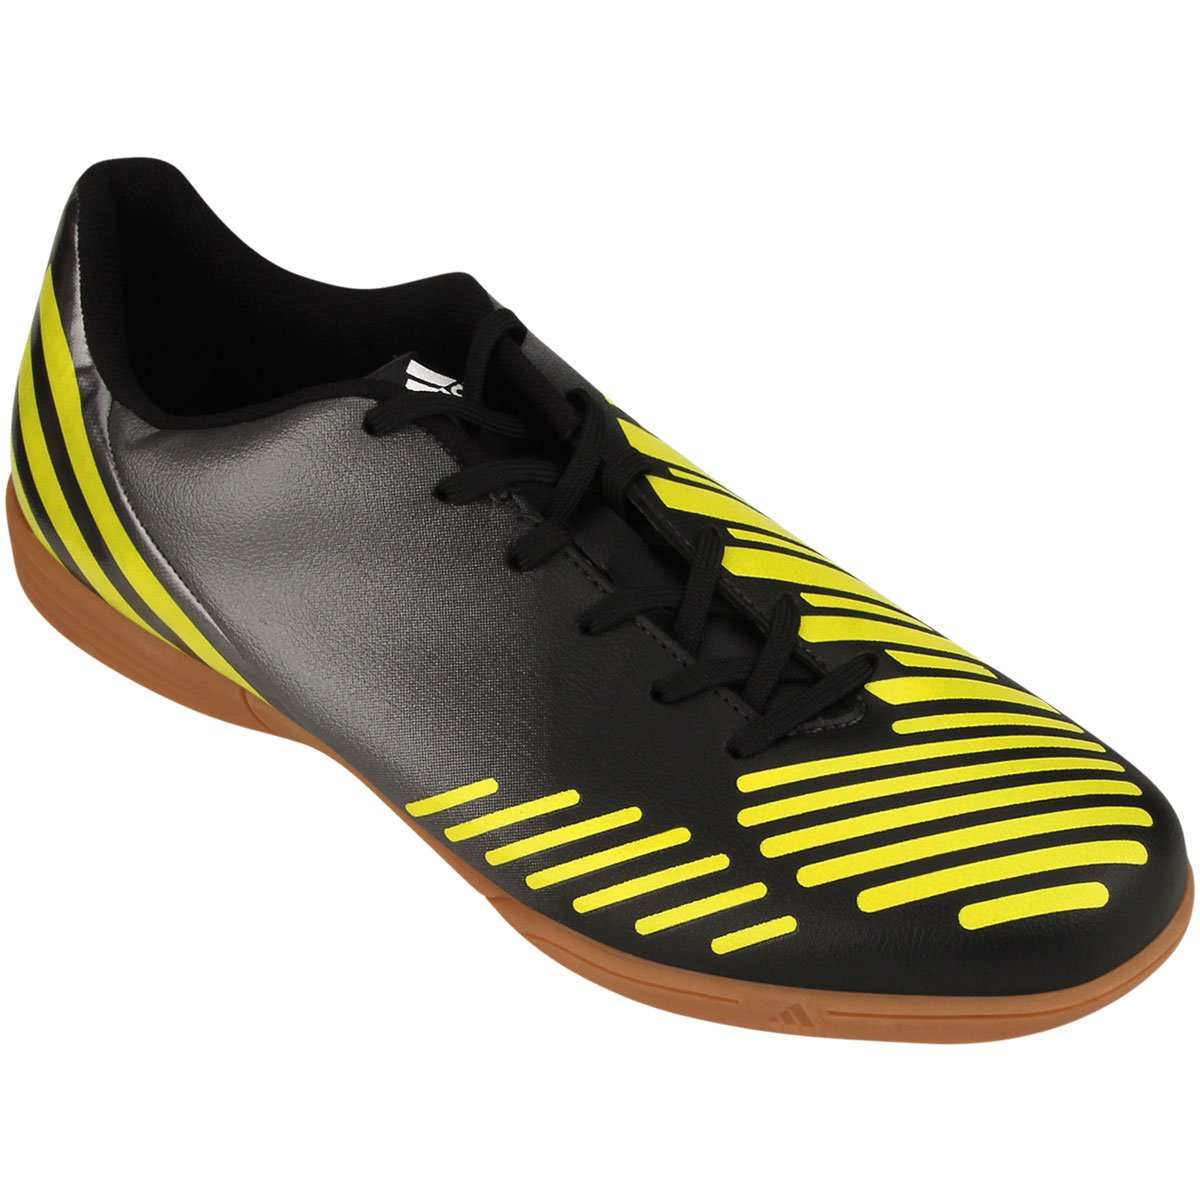 Chuteira Adidas Predito LZ IN - Compre Agora  dfdb5cbea1b59